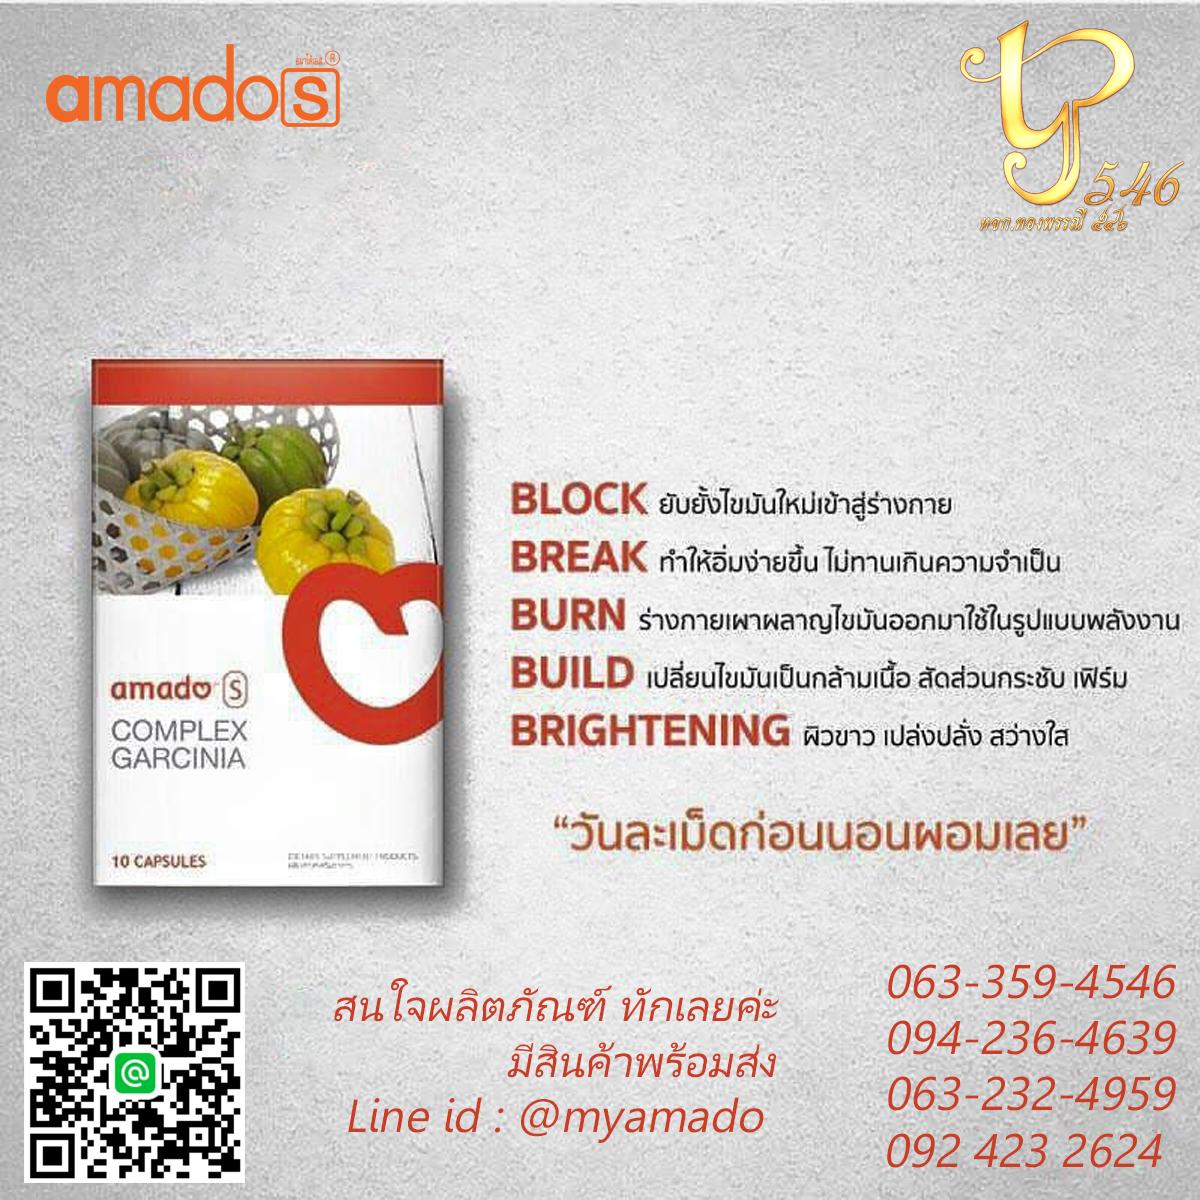 Amado S สีส้ม อาหารเสริม ลดน้ำหนัก ลดความอ้วน ลดสัดส่วน เห็นผลไว ปลอดภัย ไม่โทรม ไม่โยโย่ สนใจผลิตภัณฑ์ ทักเลยค่ะ มีสินค้าพร้อมส่ง Line id : @myamado 063-359-4546 094-236-4639 063-232-4959 092 423 2624